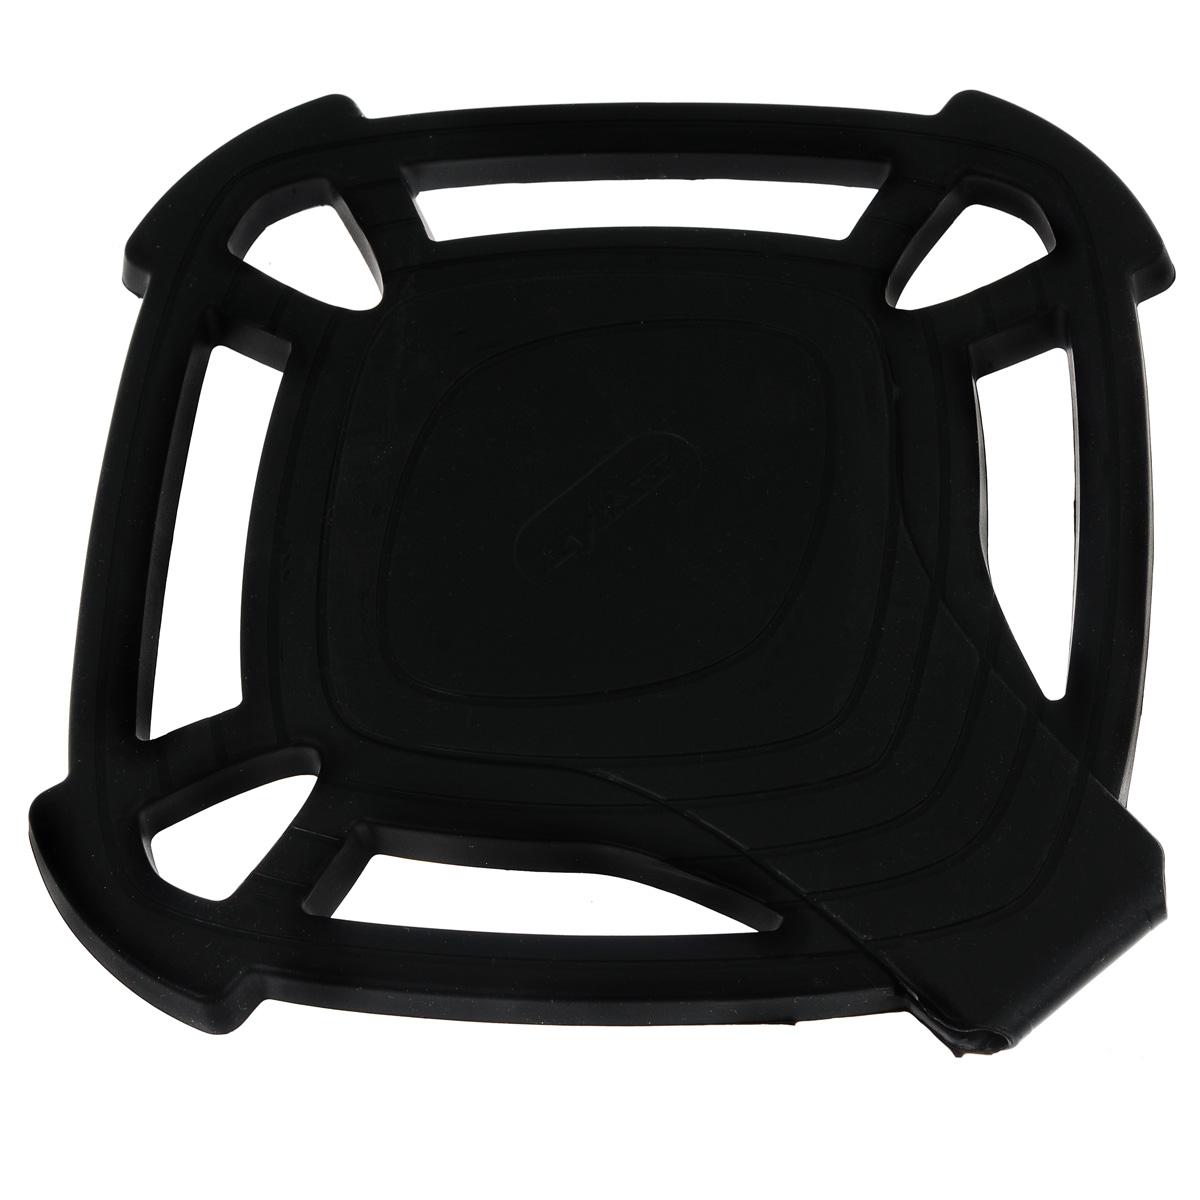 """Подставка под горячее """"Zyliss"""", цвет: черный, 19 см х 19 см"""